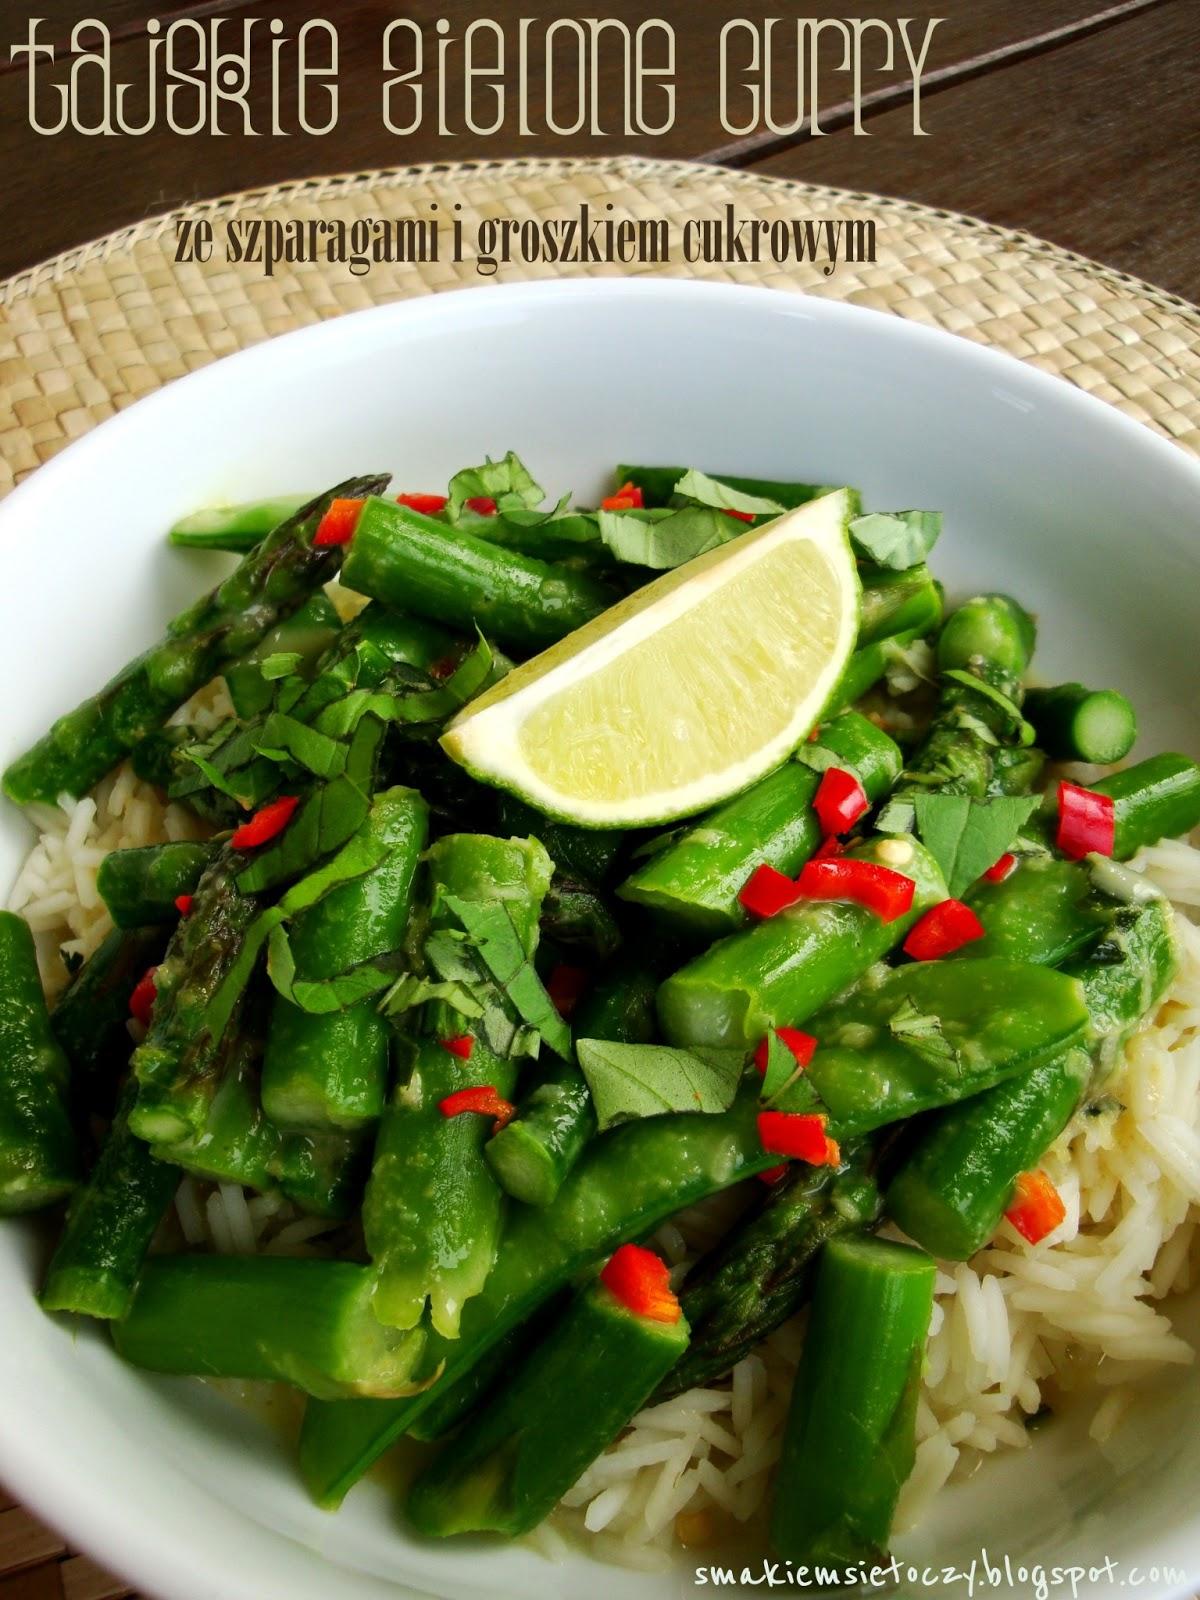 Zycie Smakiem Sie Toczy Tajskie Zielone Curry Ze Szparagami I